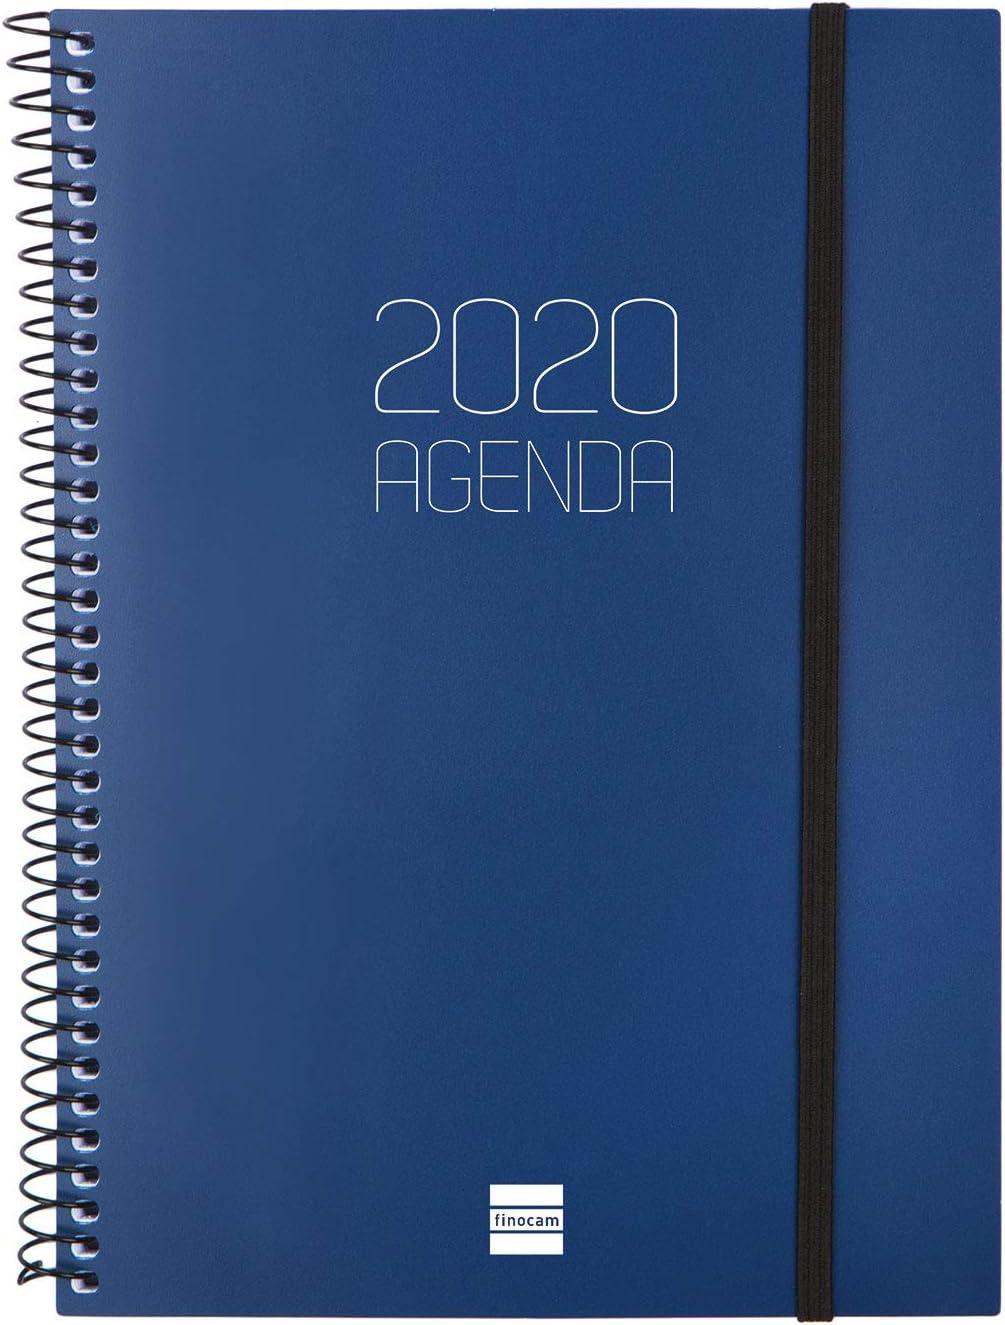 Finocam - Agenda 2020 semana vista apaisada Espiral Opaque Azul español